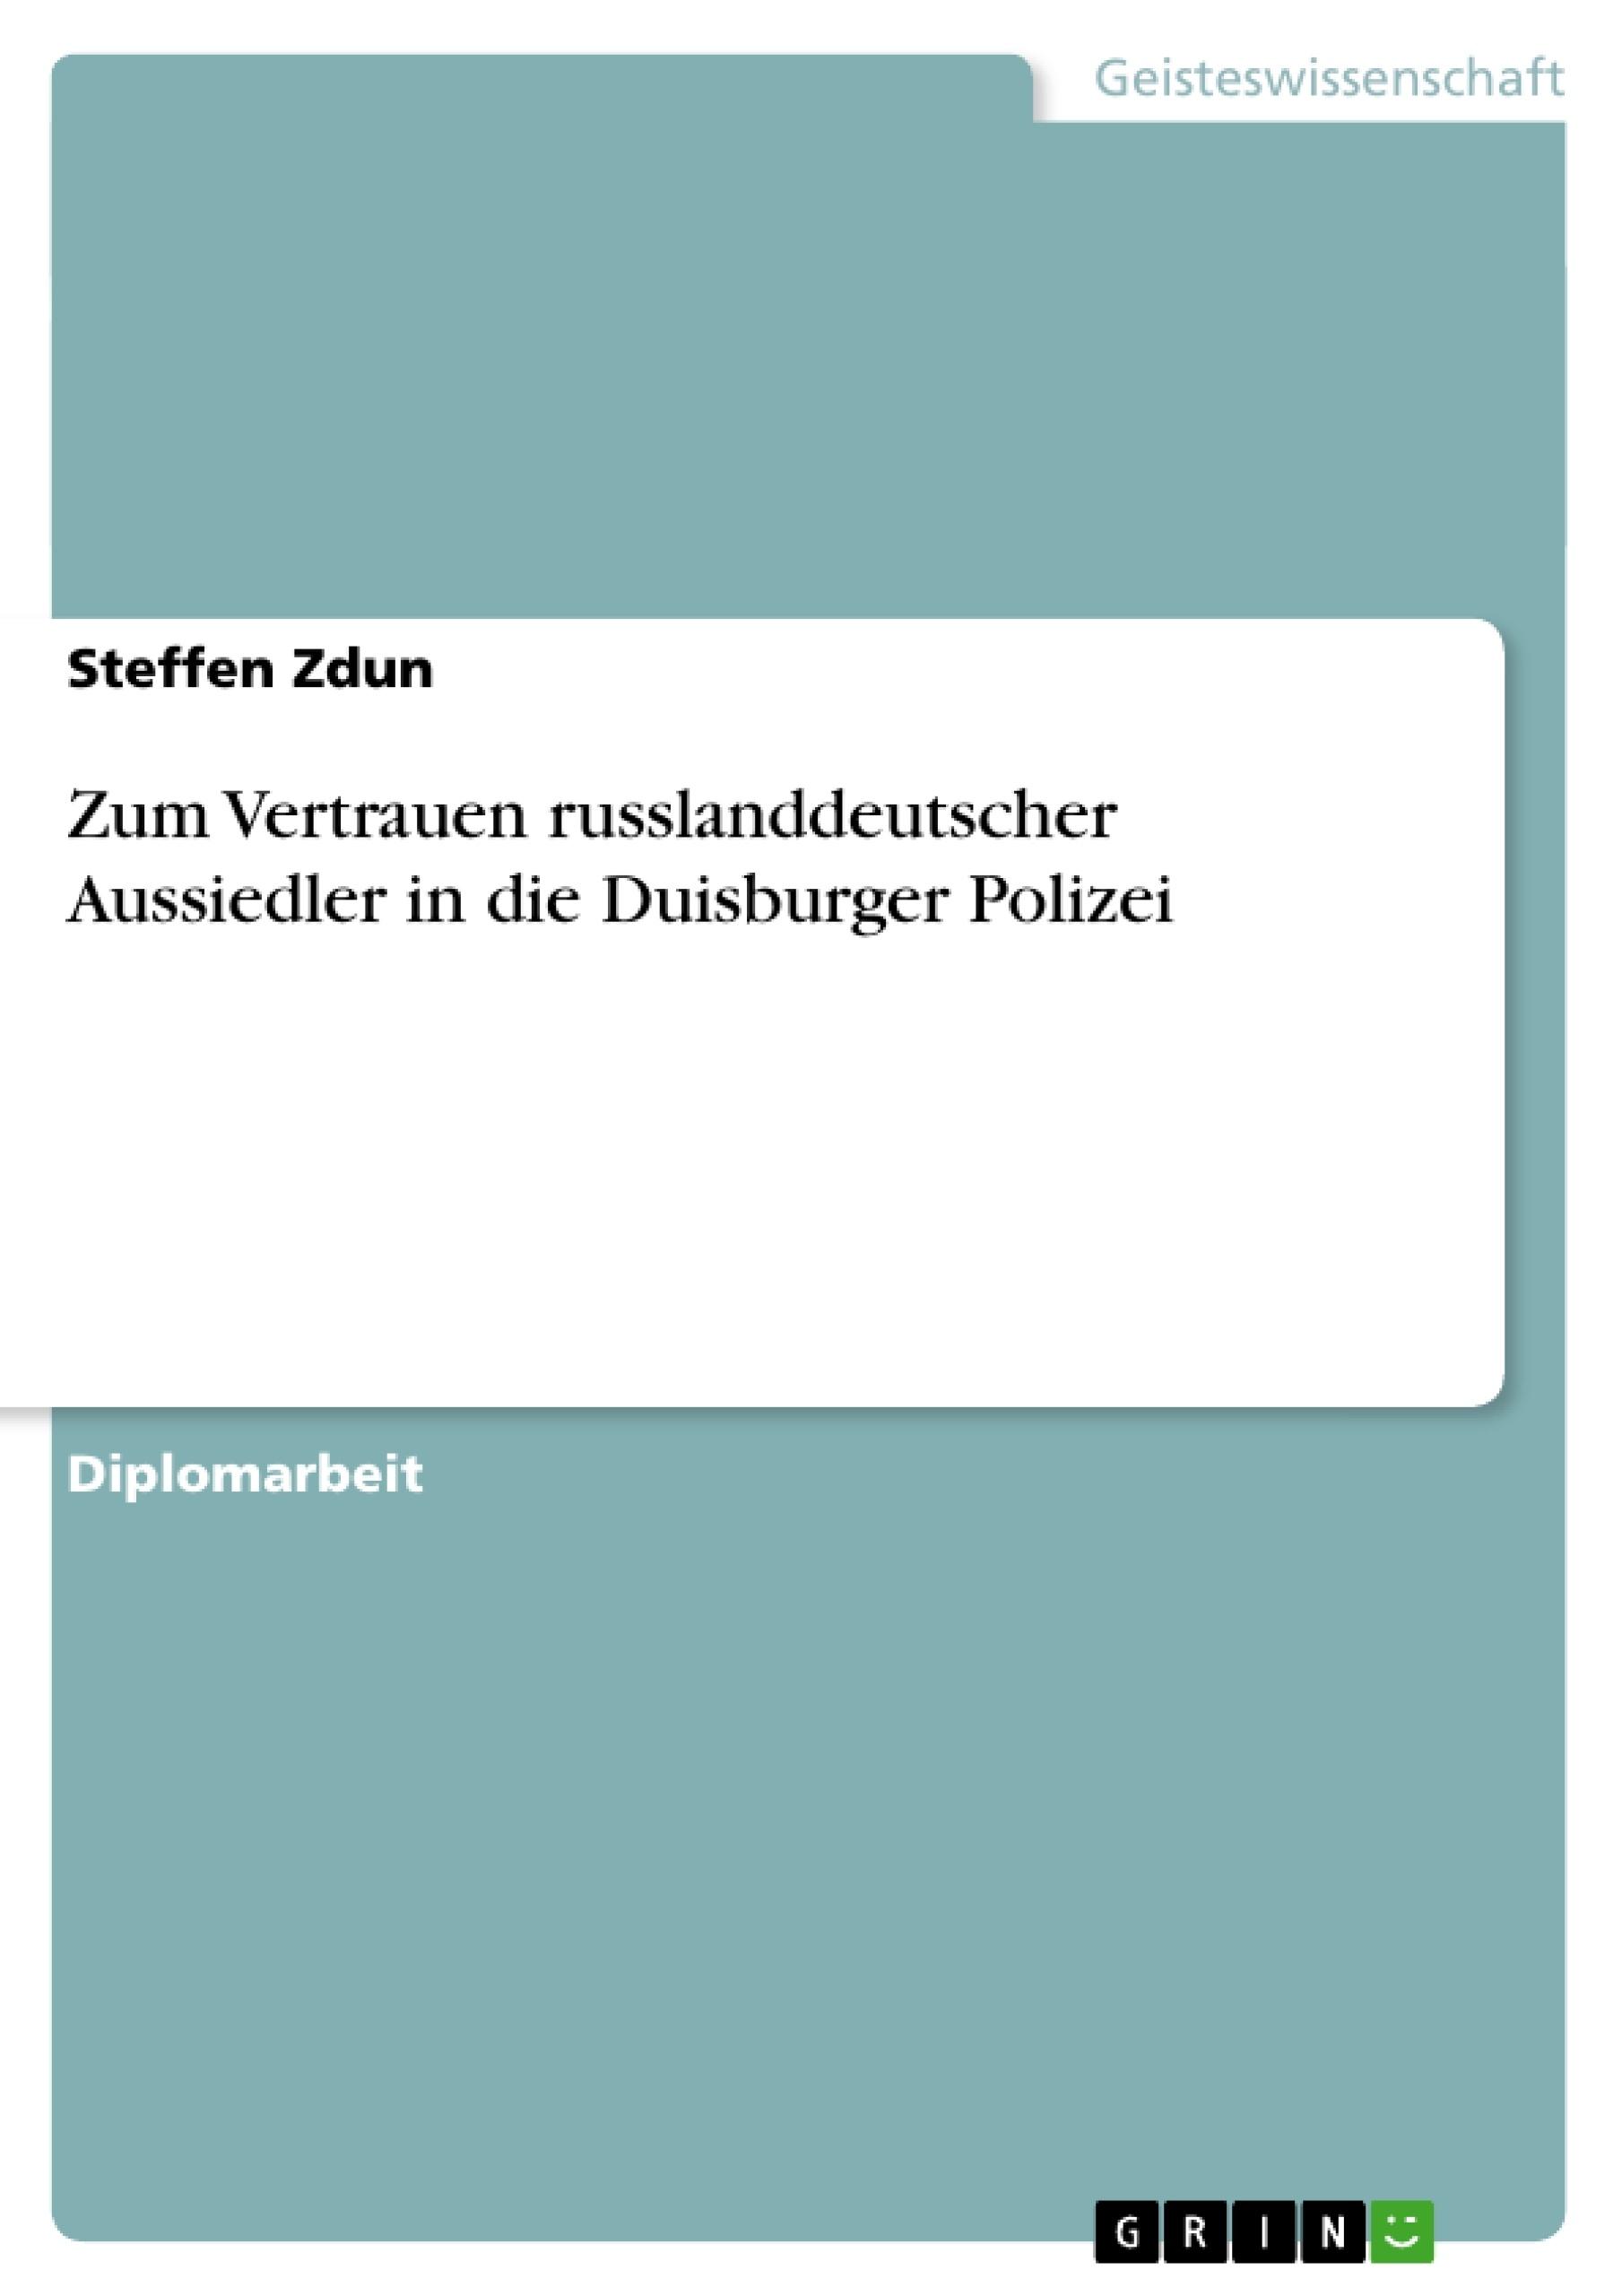 Titel: Zum Vertrauen russlanddeutscher Aussiedler in die Duisburger Polizei